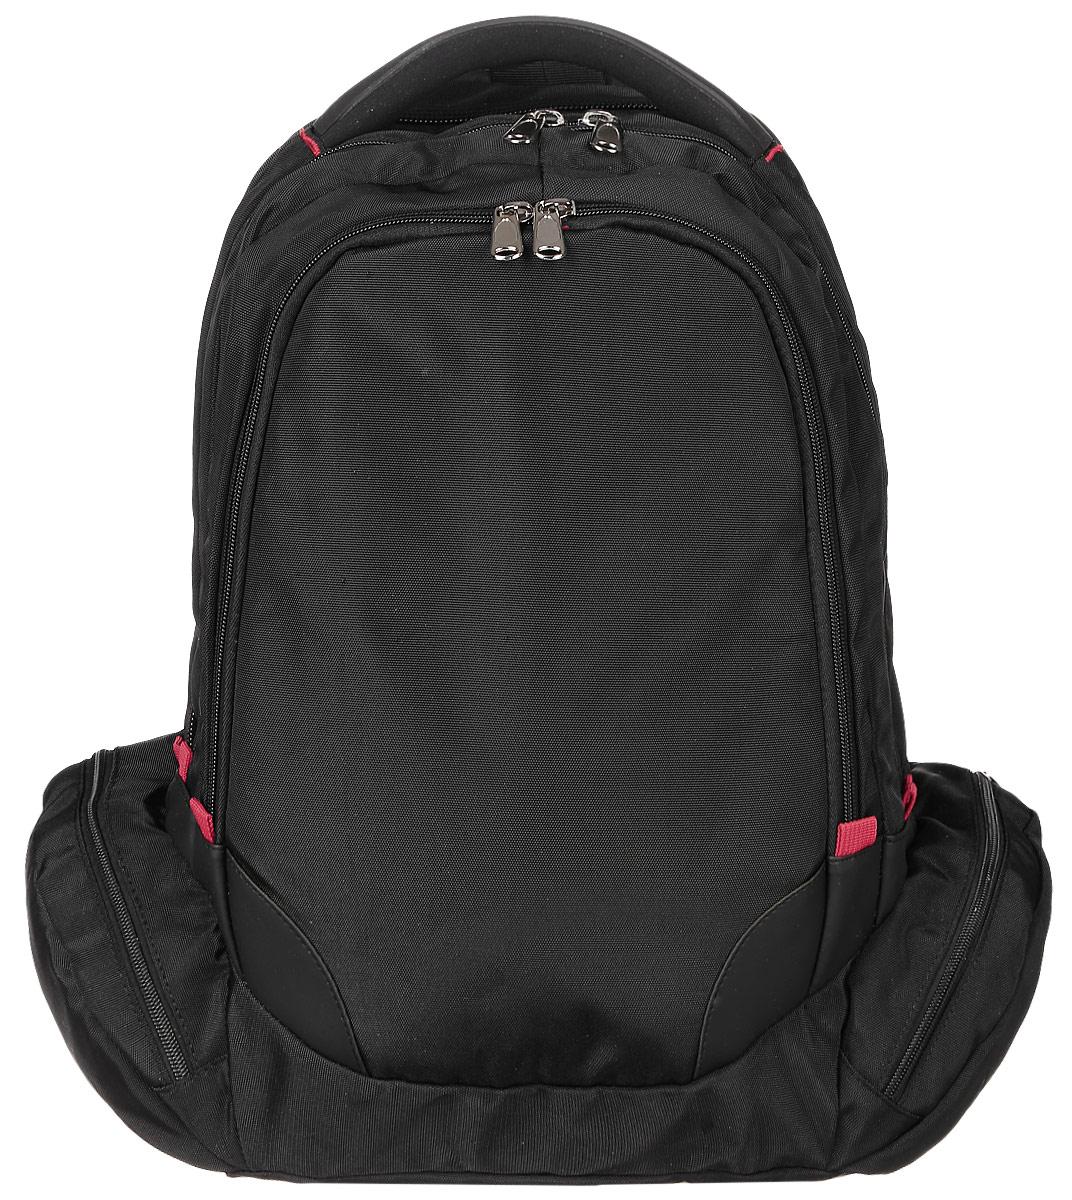 Рюкзак мужской Milana, цвет: черный. 161690-1-110 рюкзак кладоискателя модель 1